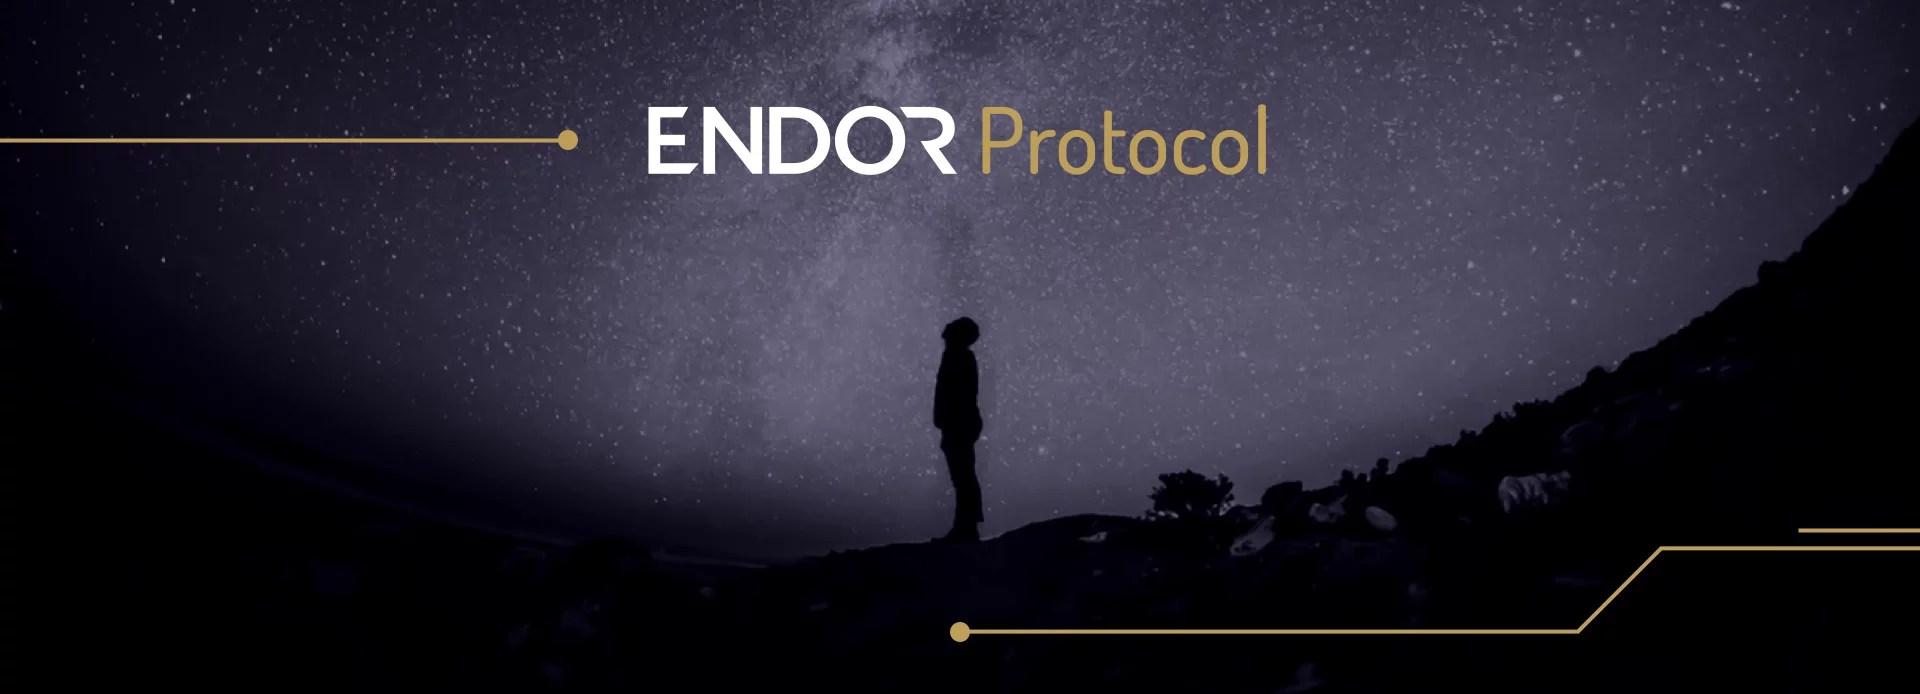 Endor Protocol